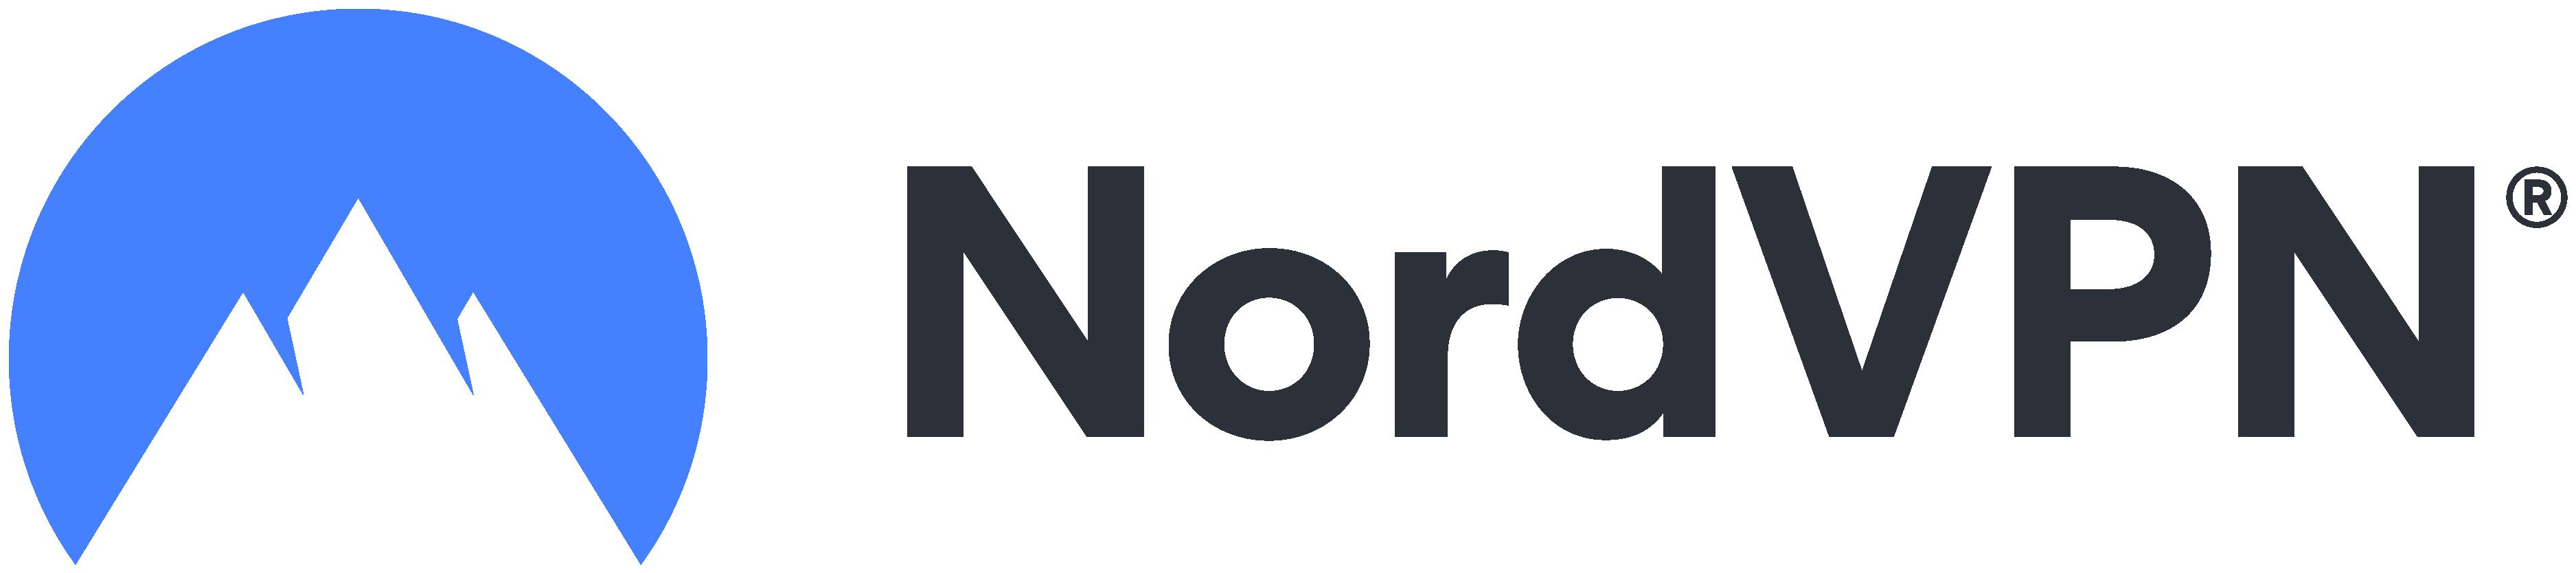 logo_horizontal-original